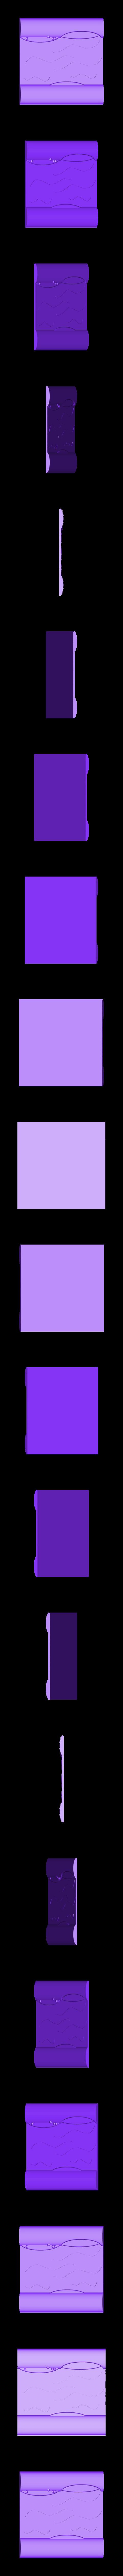 straight_01.stl Télécharger fichier STL gratuit Eau modulaire • Objet pour imprimante 3D, Earsling